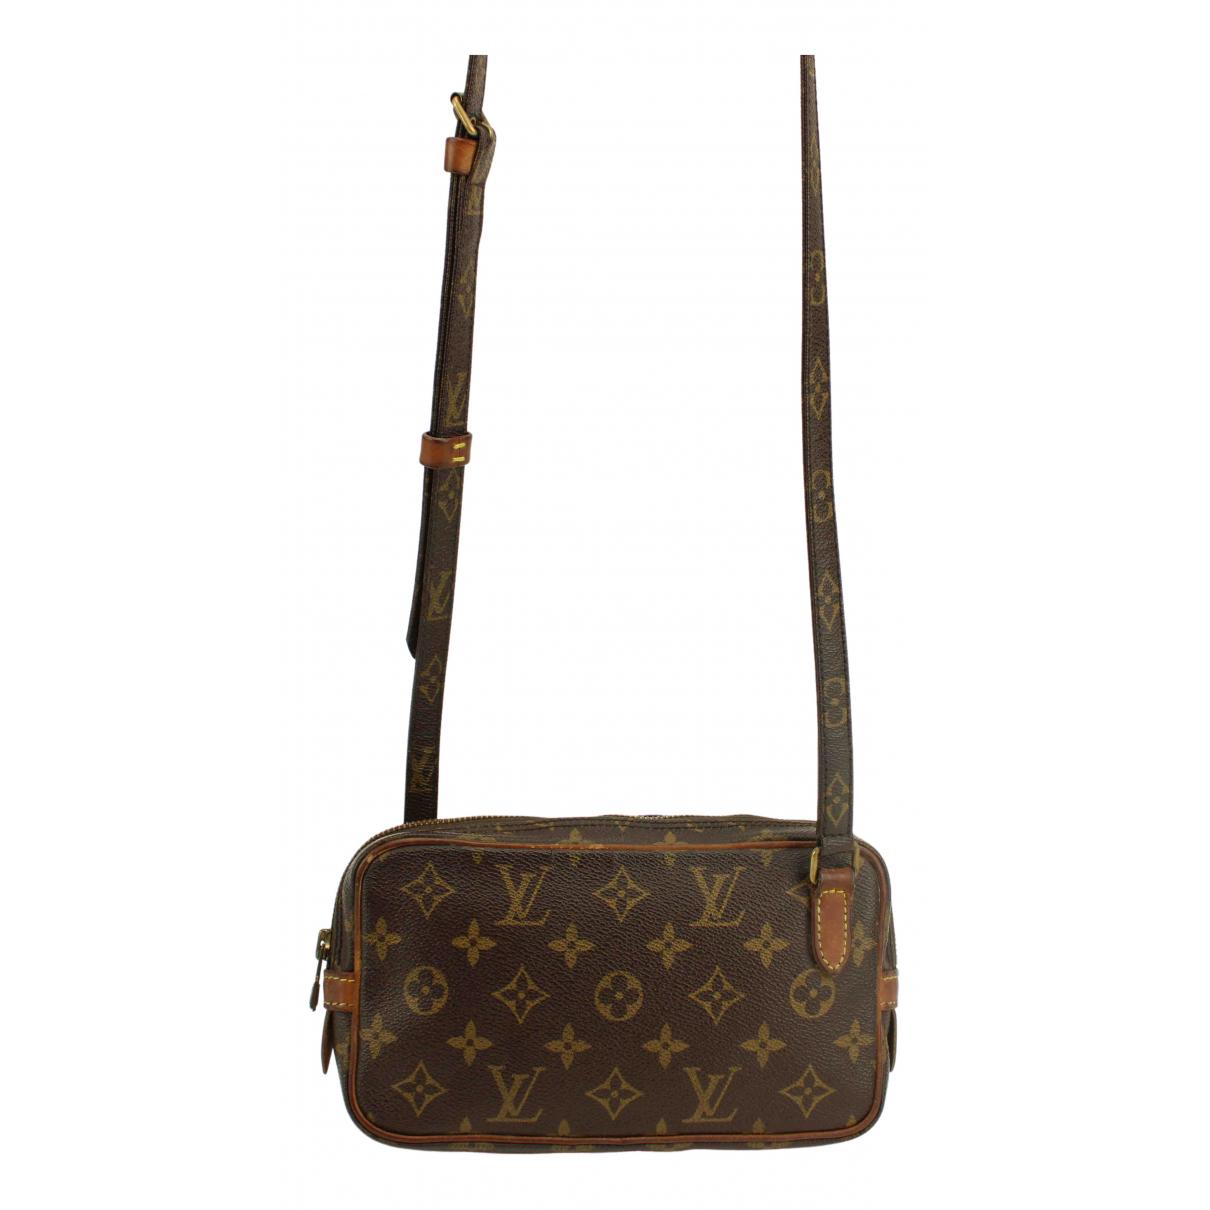 Louis Vuitton - Pochette Marly vintage pour femme en toile - marron